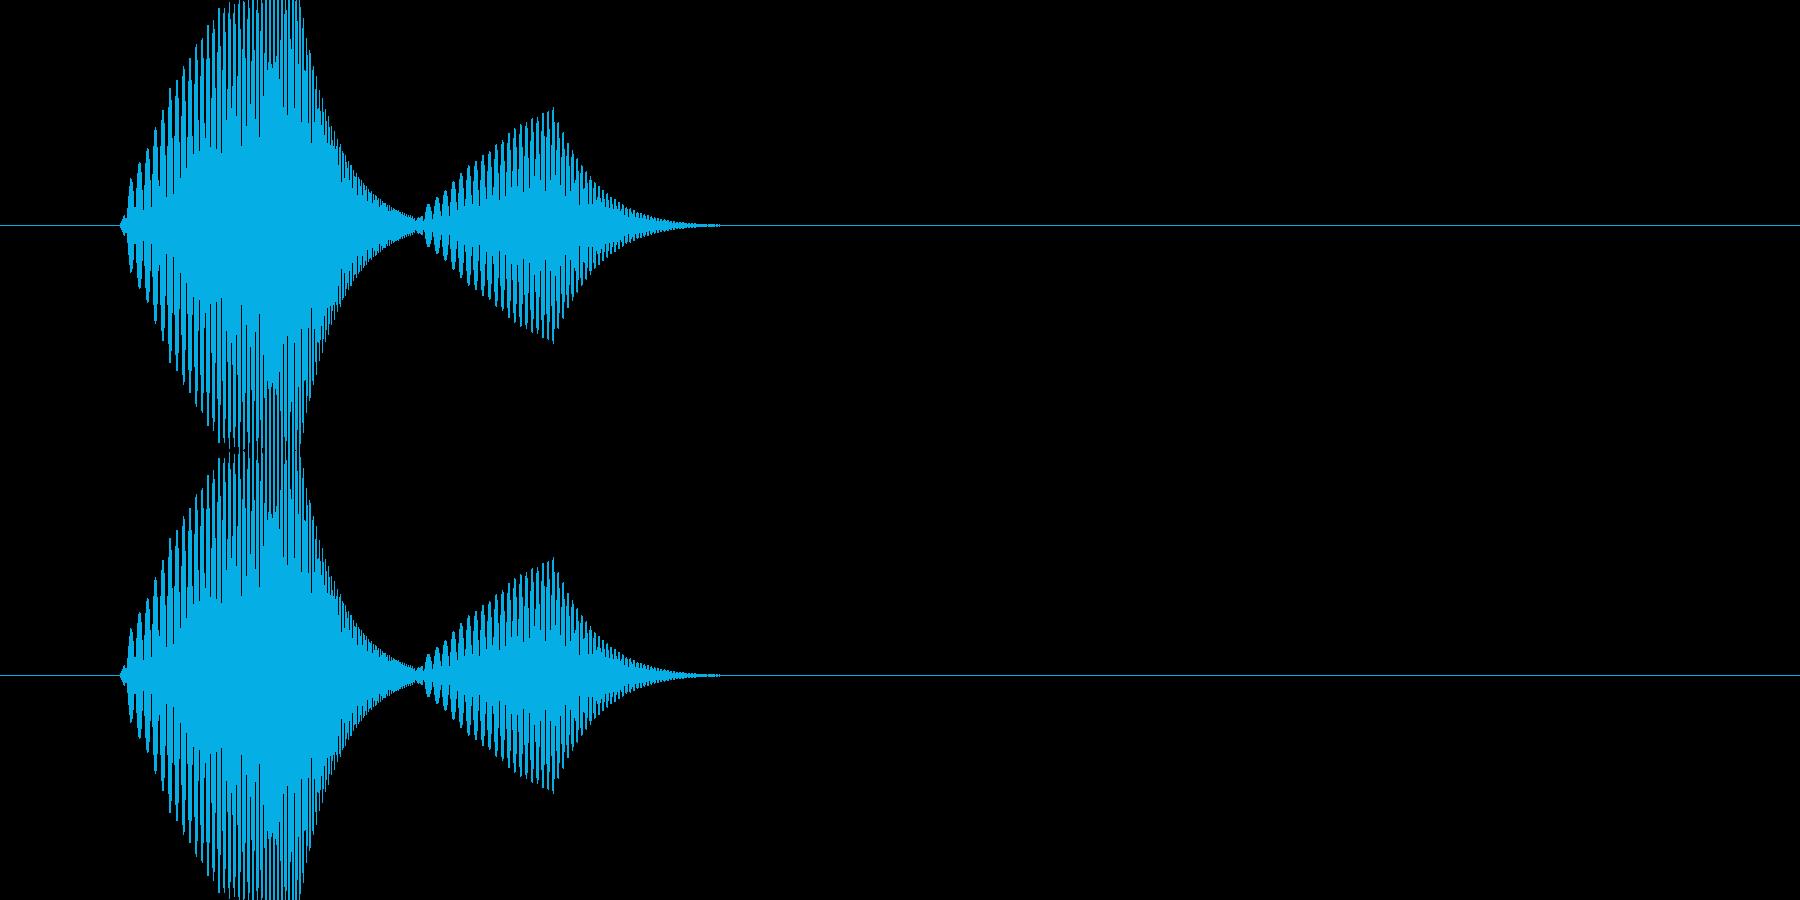 ポヨ(ワンポイント・足跡・スタンプなど)の再生済みの波形